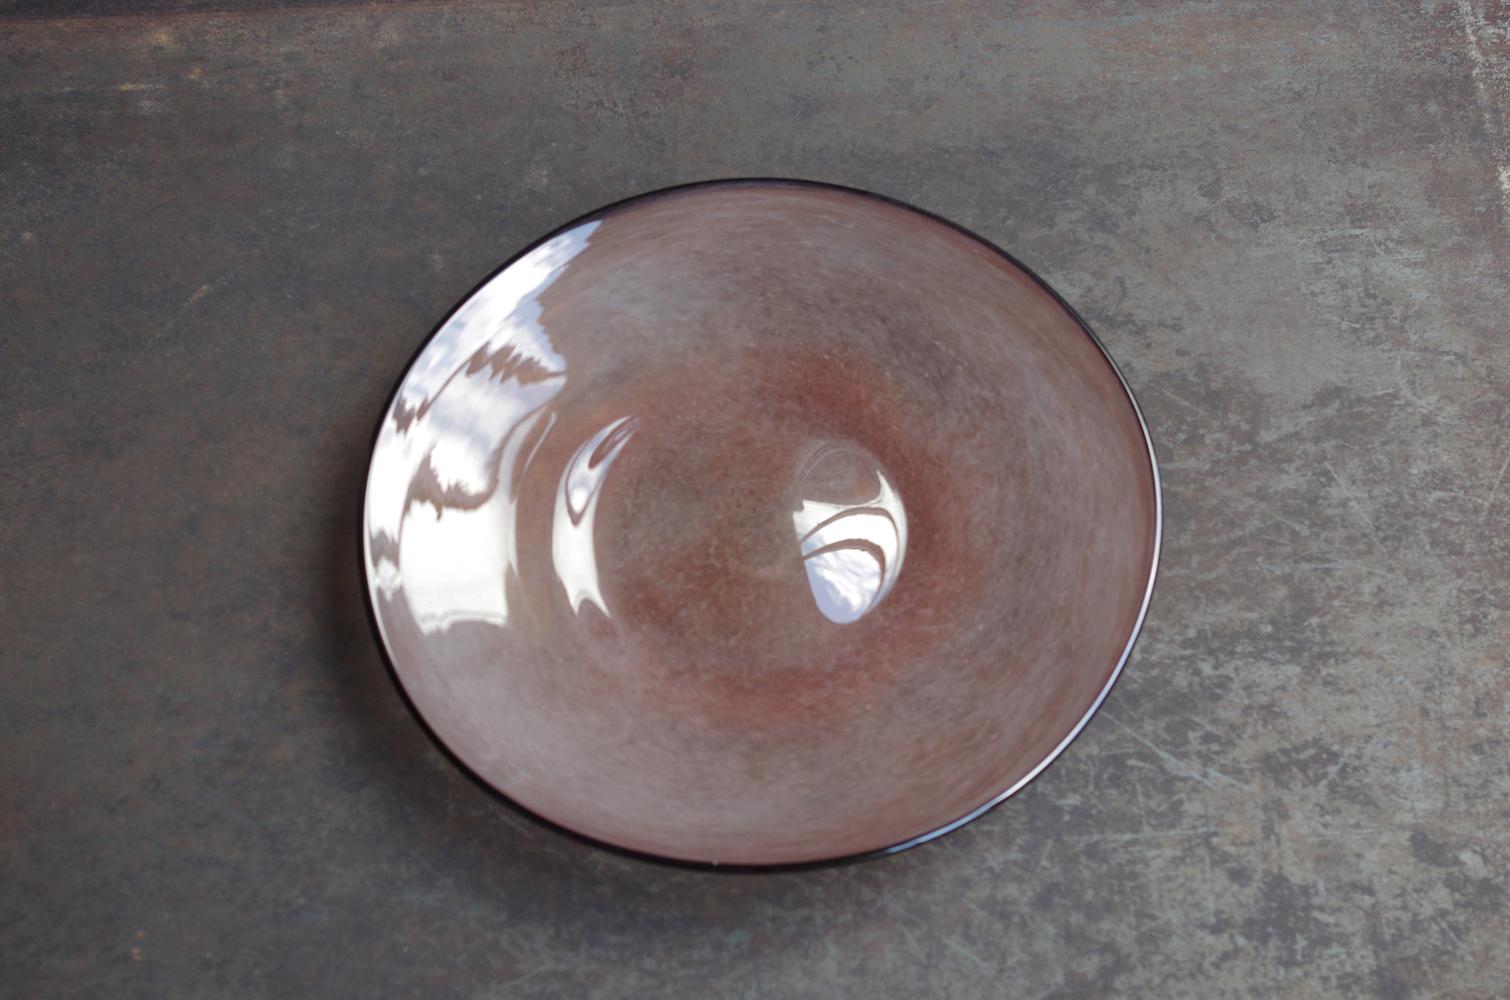 kasumi plate ppl S-1